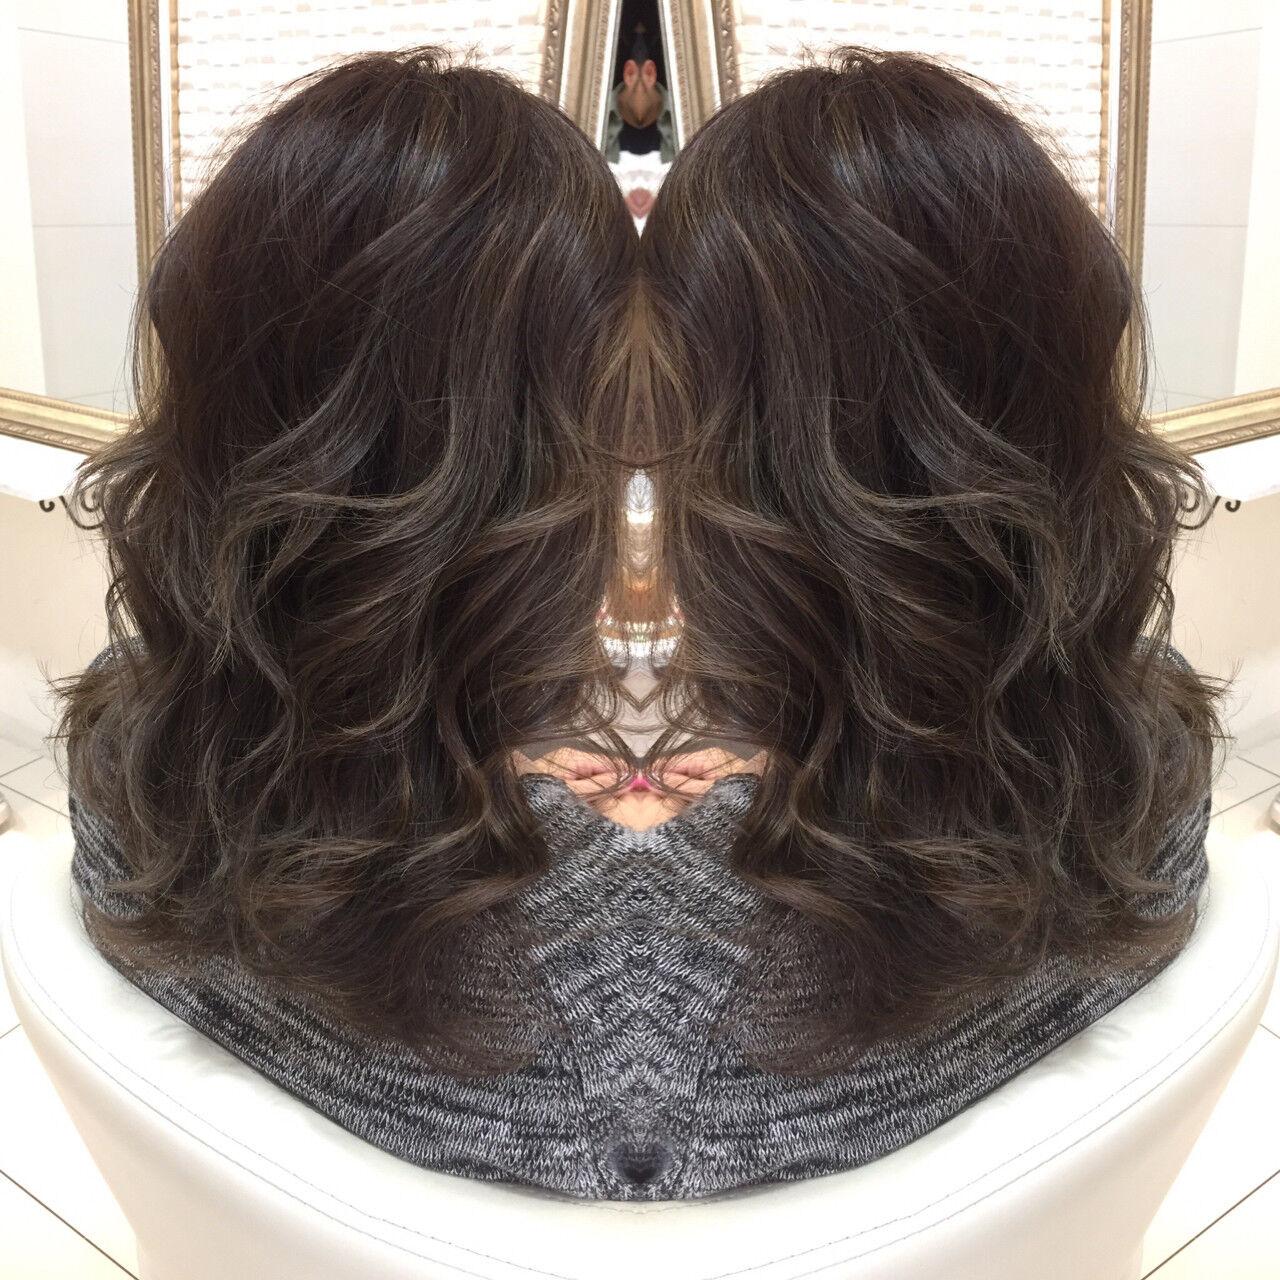 艶髪 セミロング 外国人風 ハイライトヘアスタイルや髪型の写真・画像